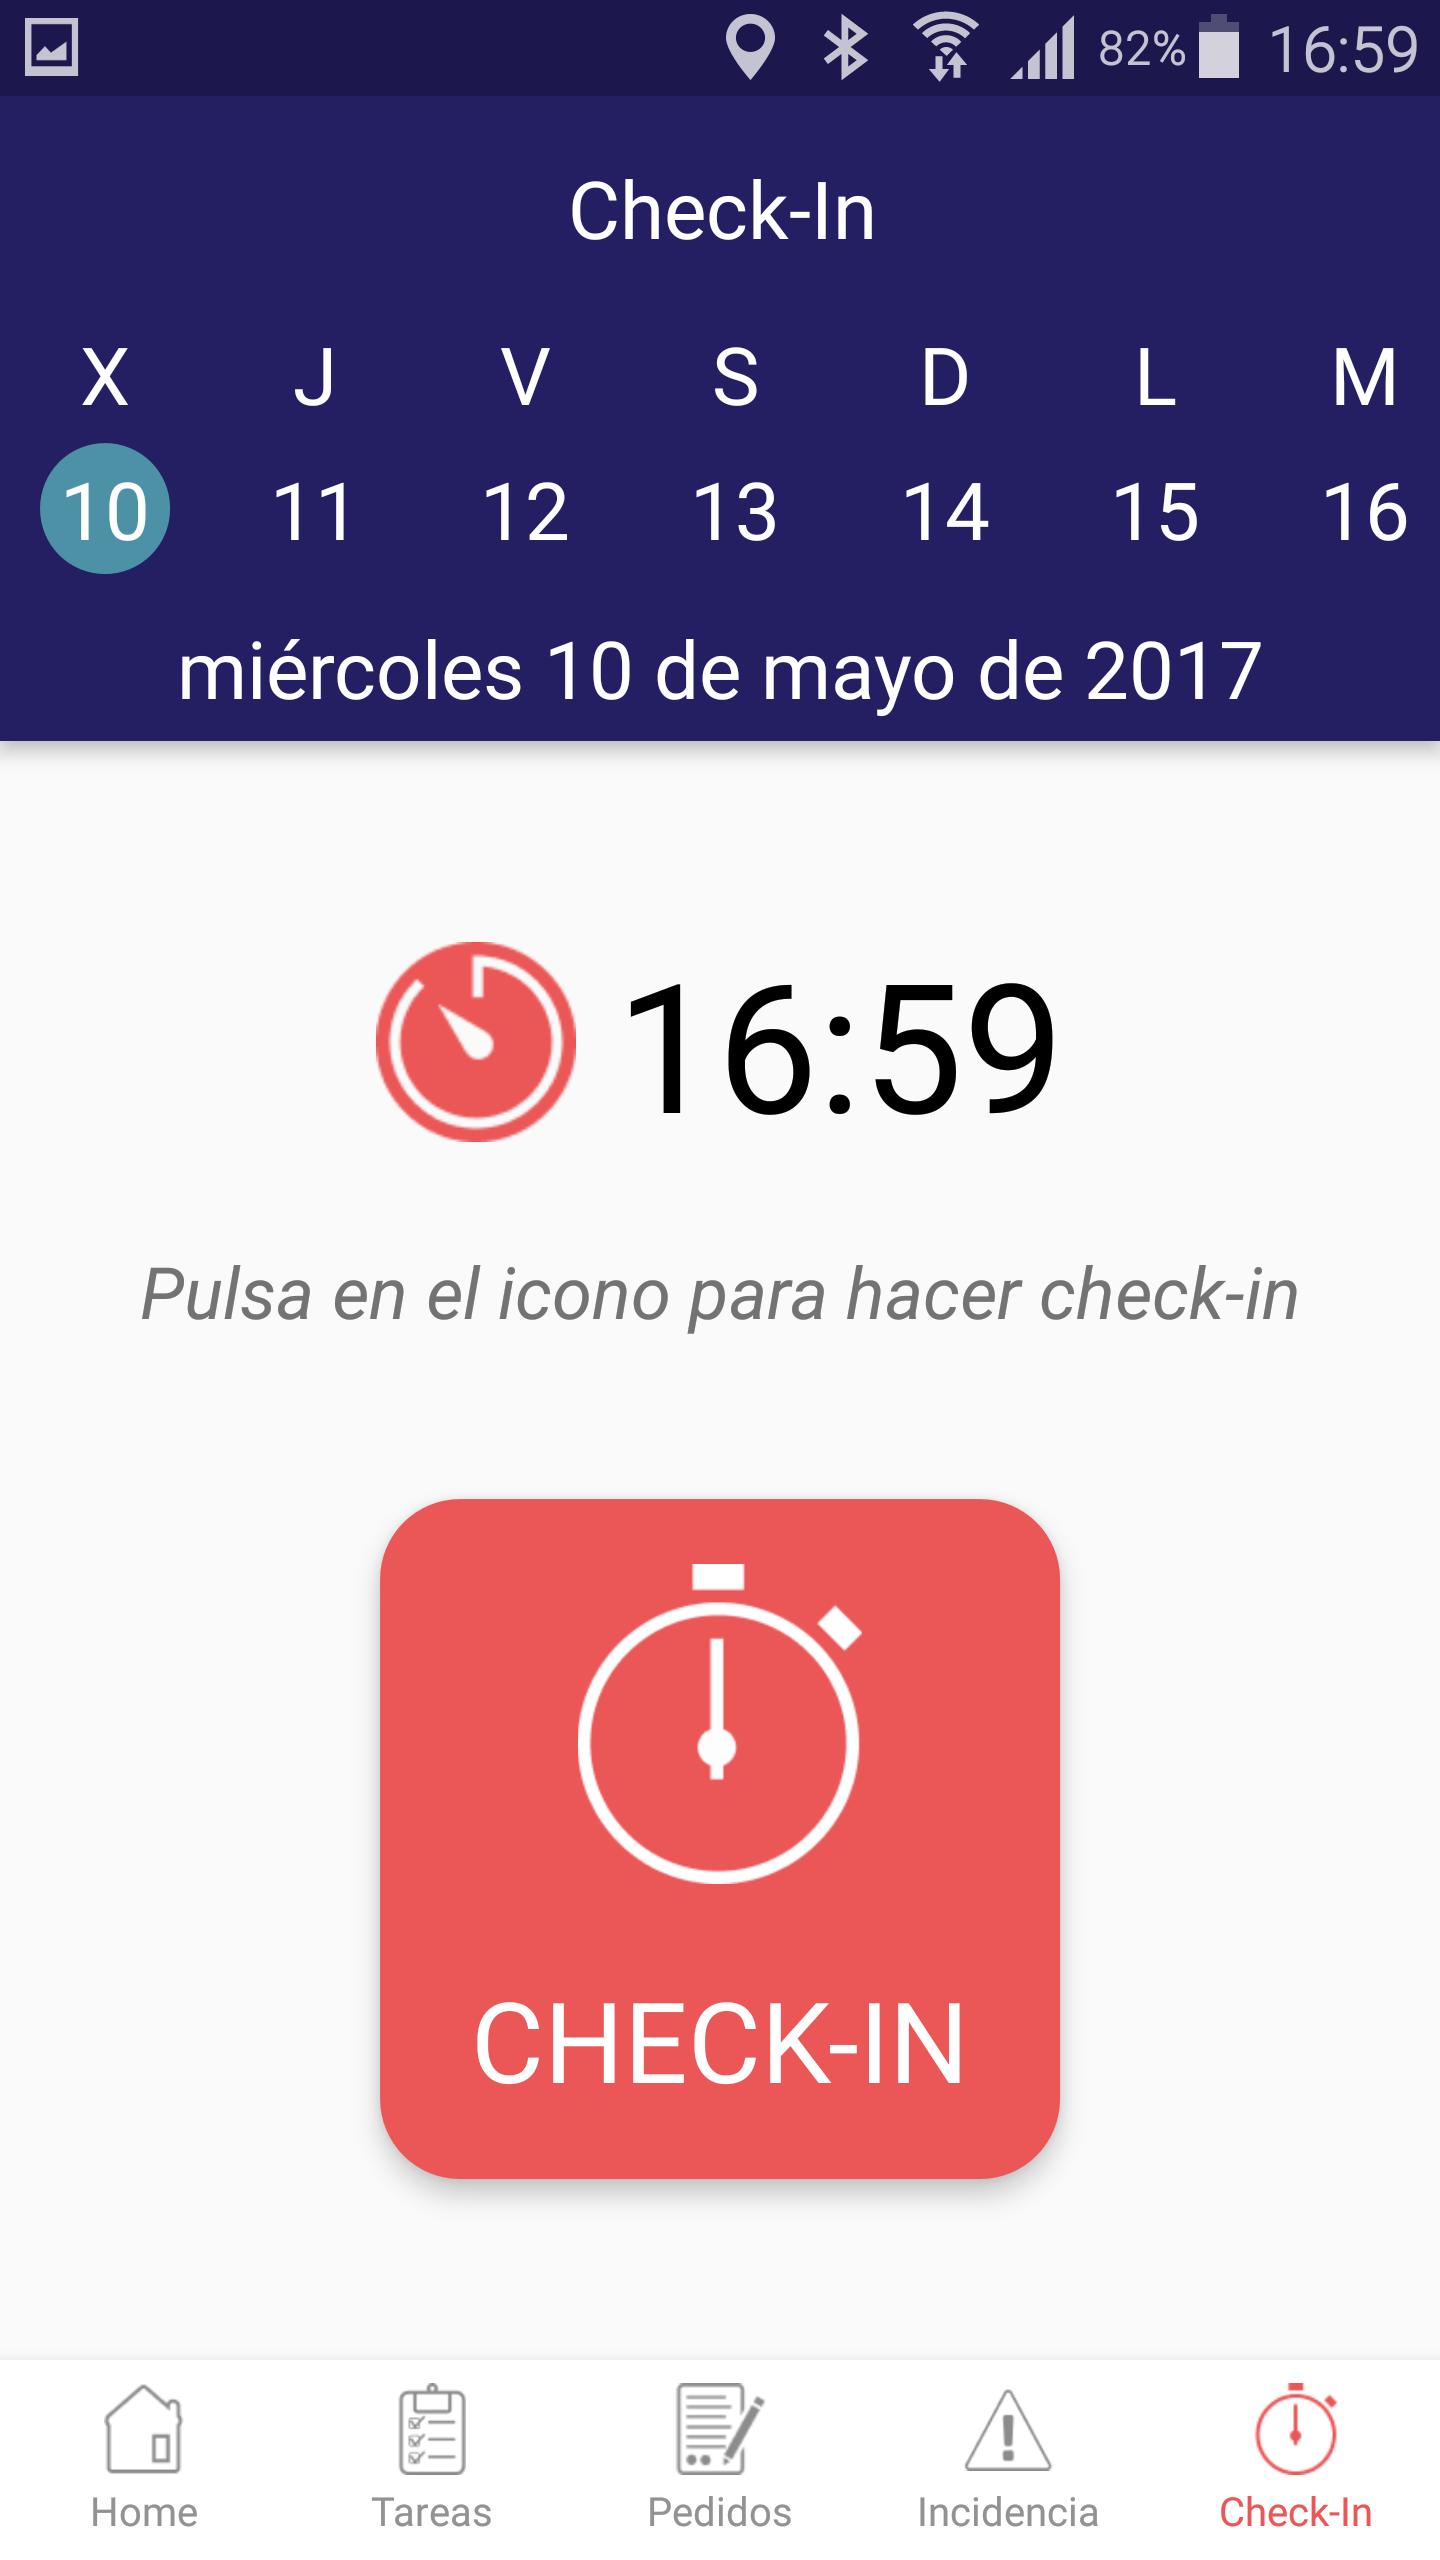 Check in con Movilta